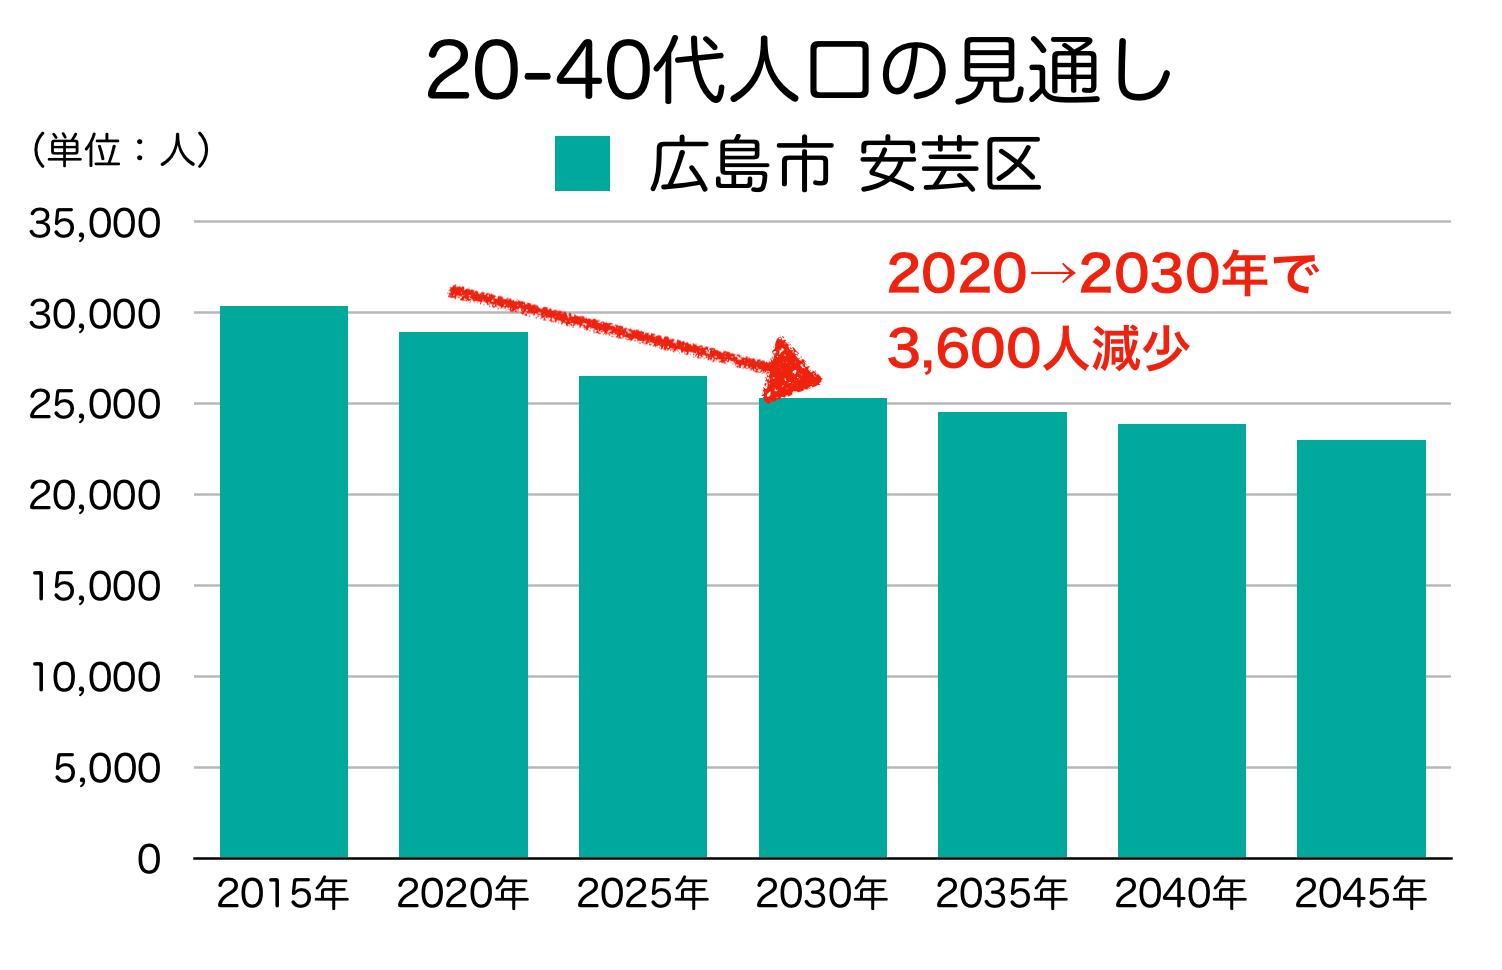 広島市安芸区の20〜40代人口の予測